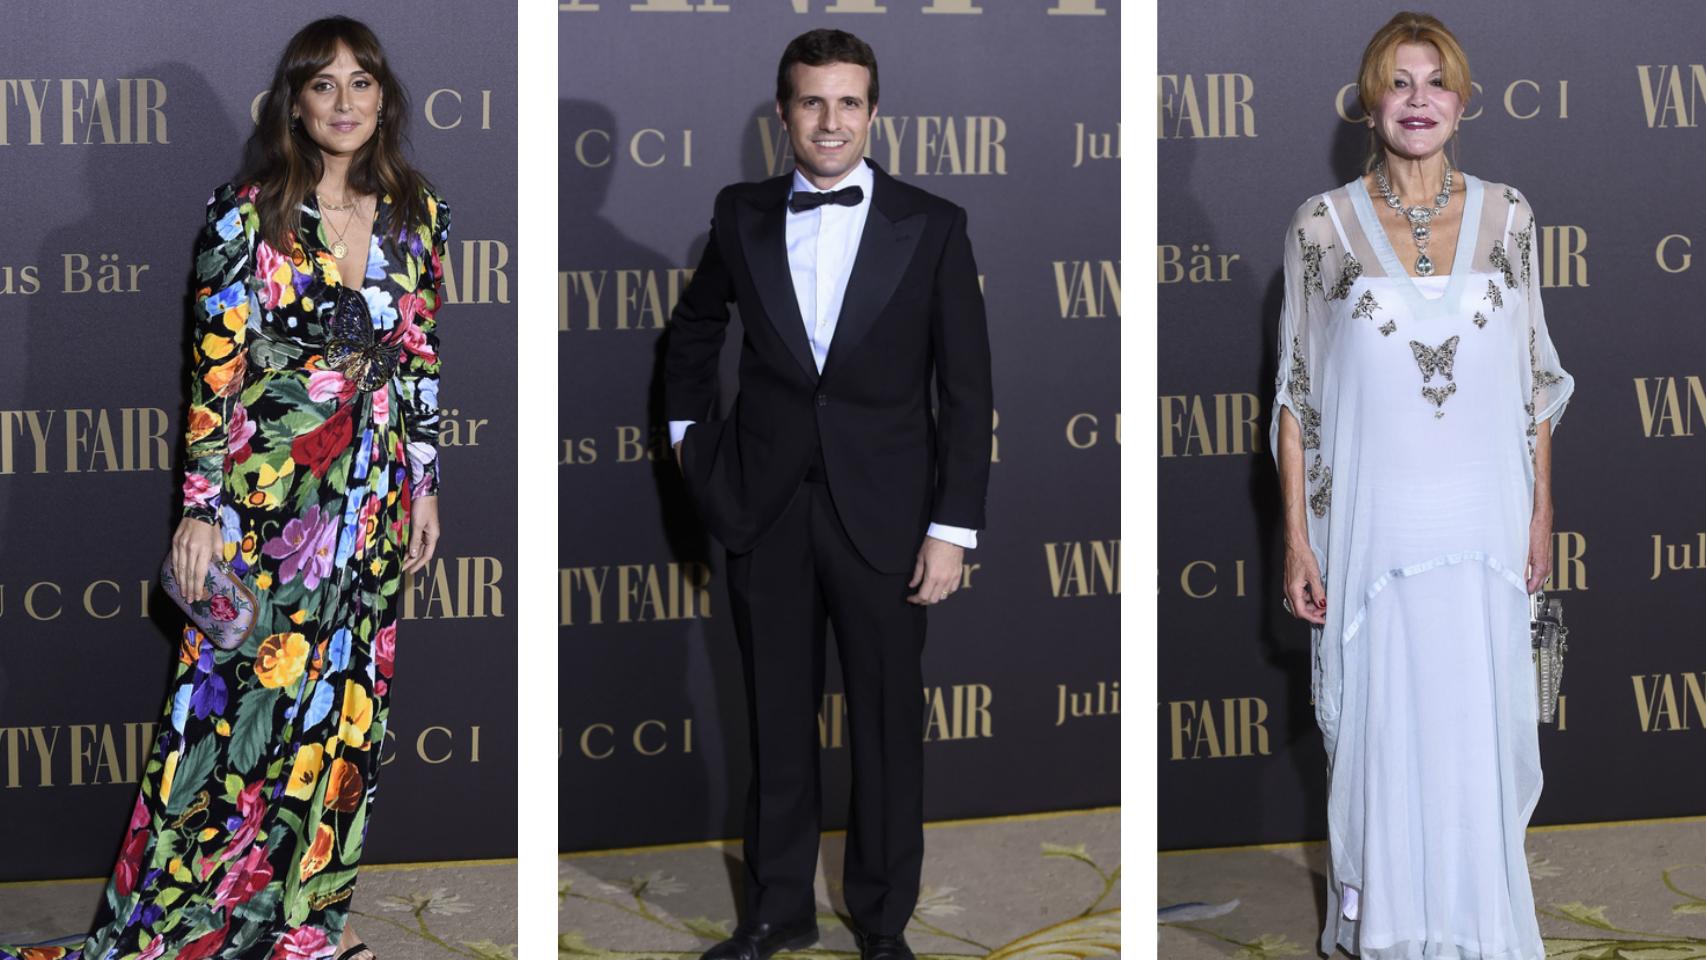 La élite española se reúne ne los premios Vanity Fair